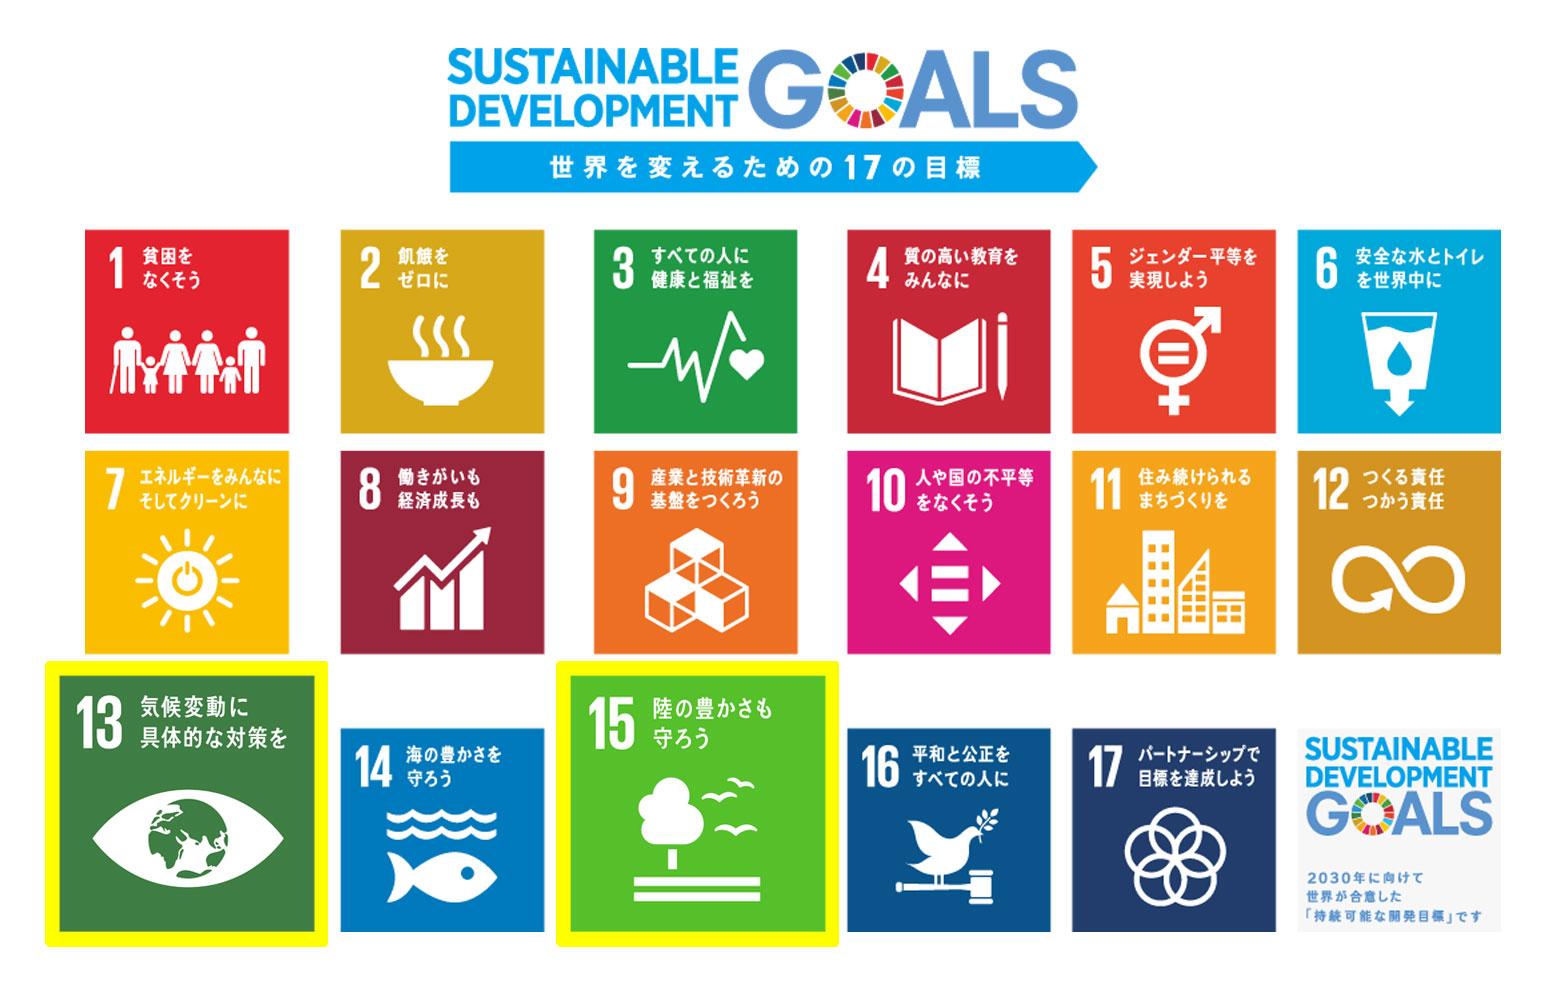 SDGs「陸の豊かさも守ろう」「気候変動に具体的な対策を」支援